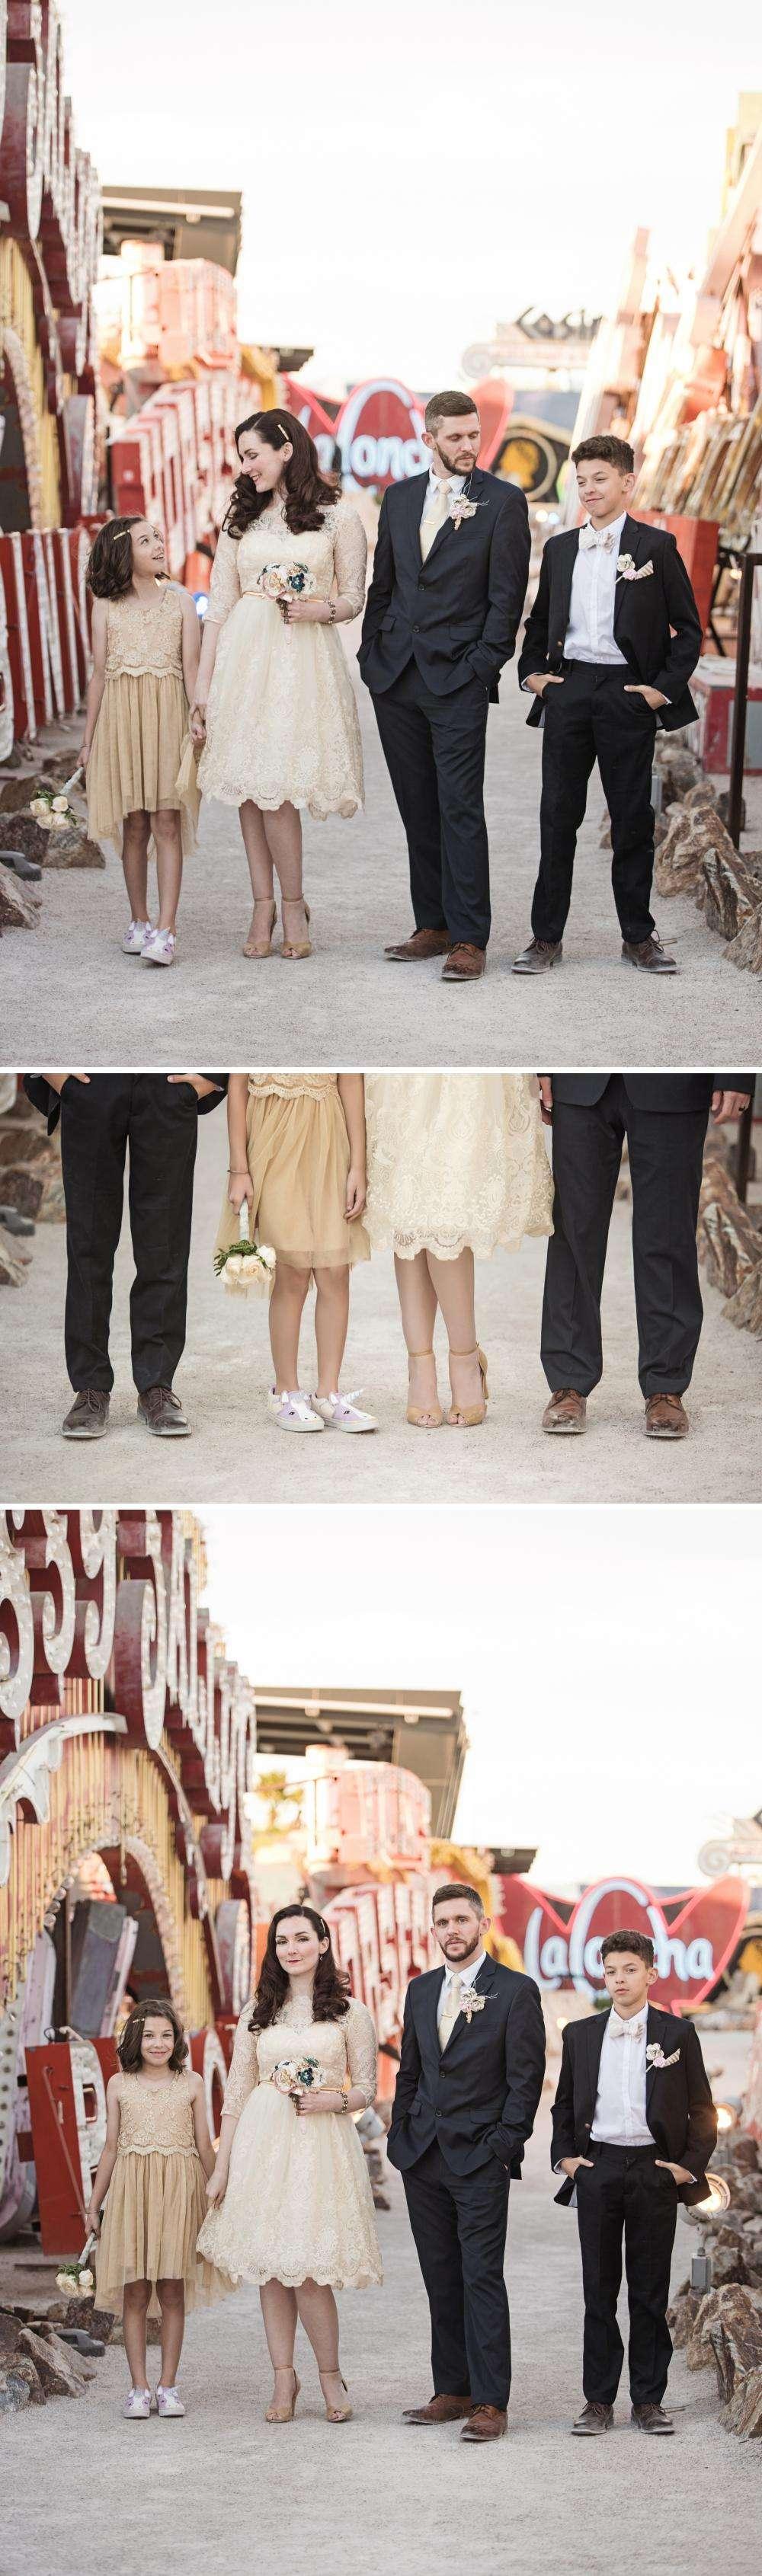 Las Vegas Chapel Wedding Photographer with Neon Boneyard Photoshoot